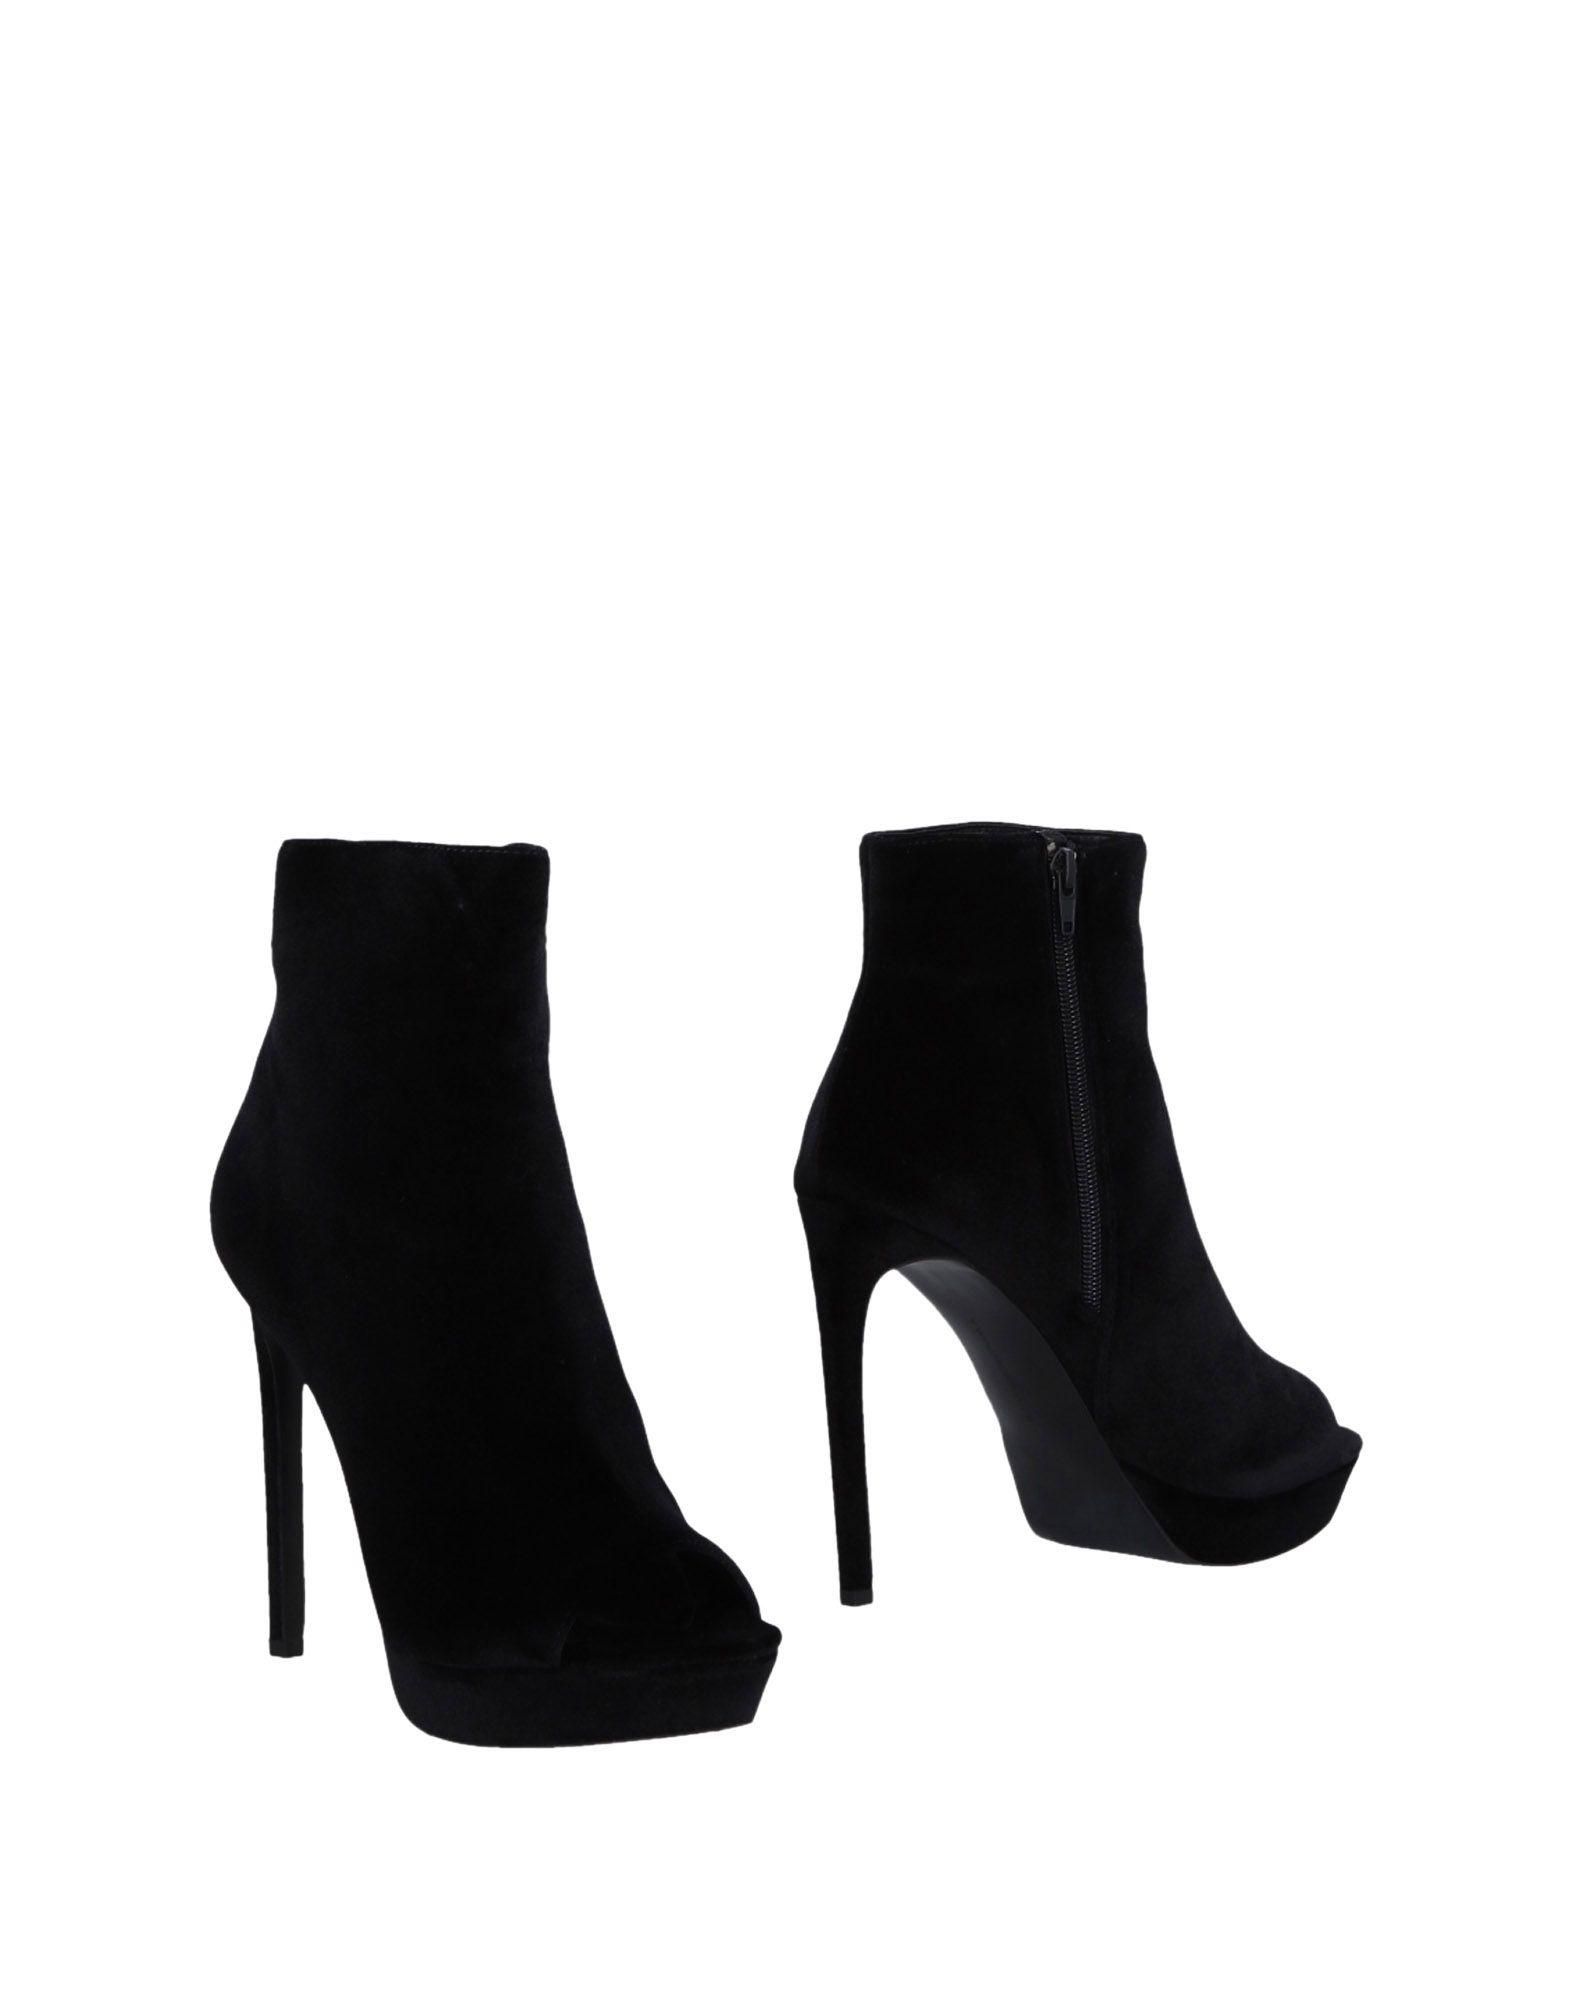 Windsor Smith Stiefelette Damen  11477800KT Gute Qualität beliebte Schuhe